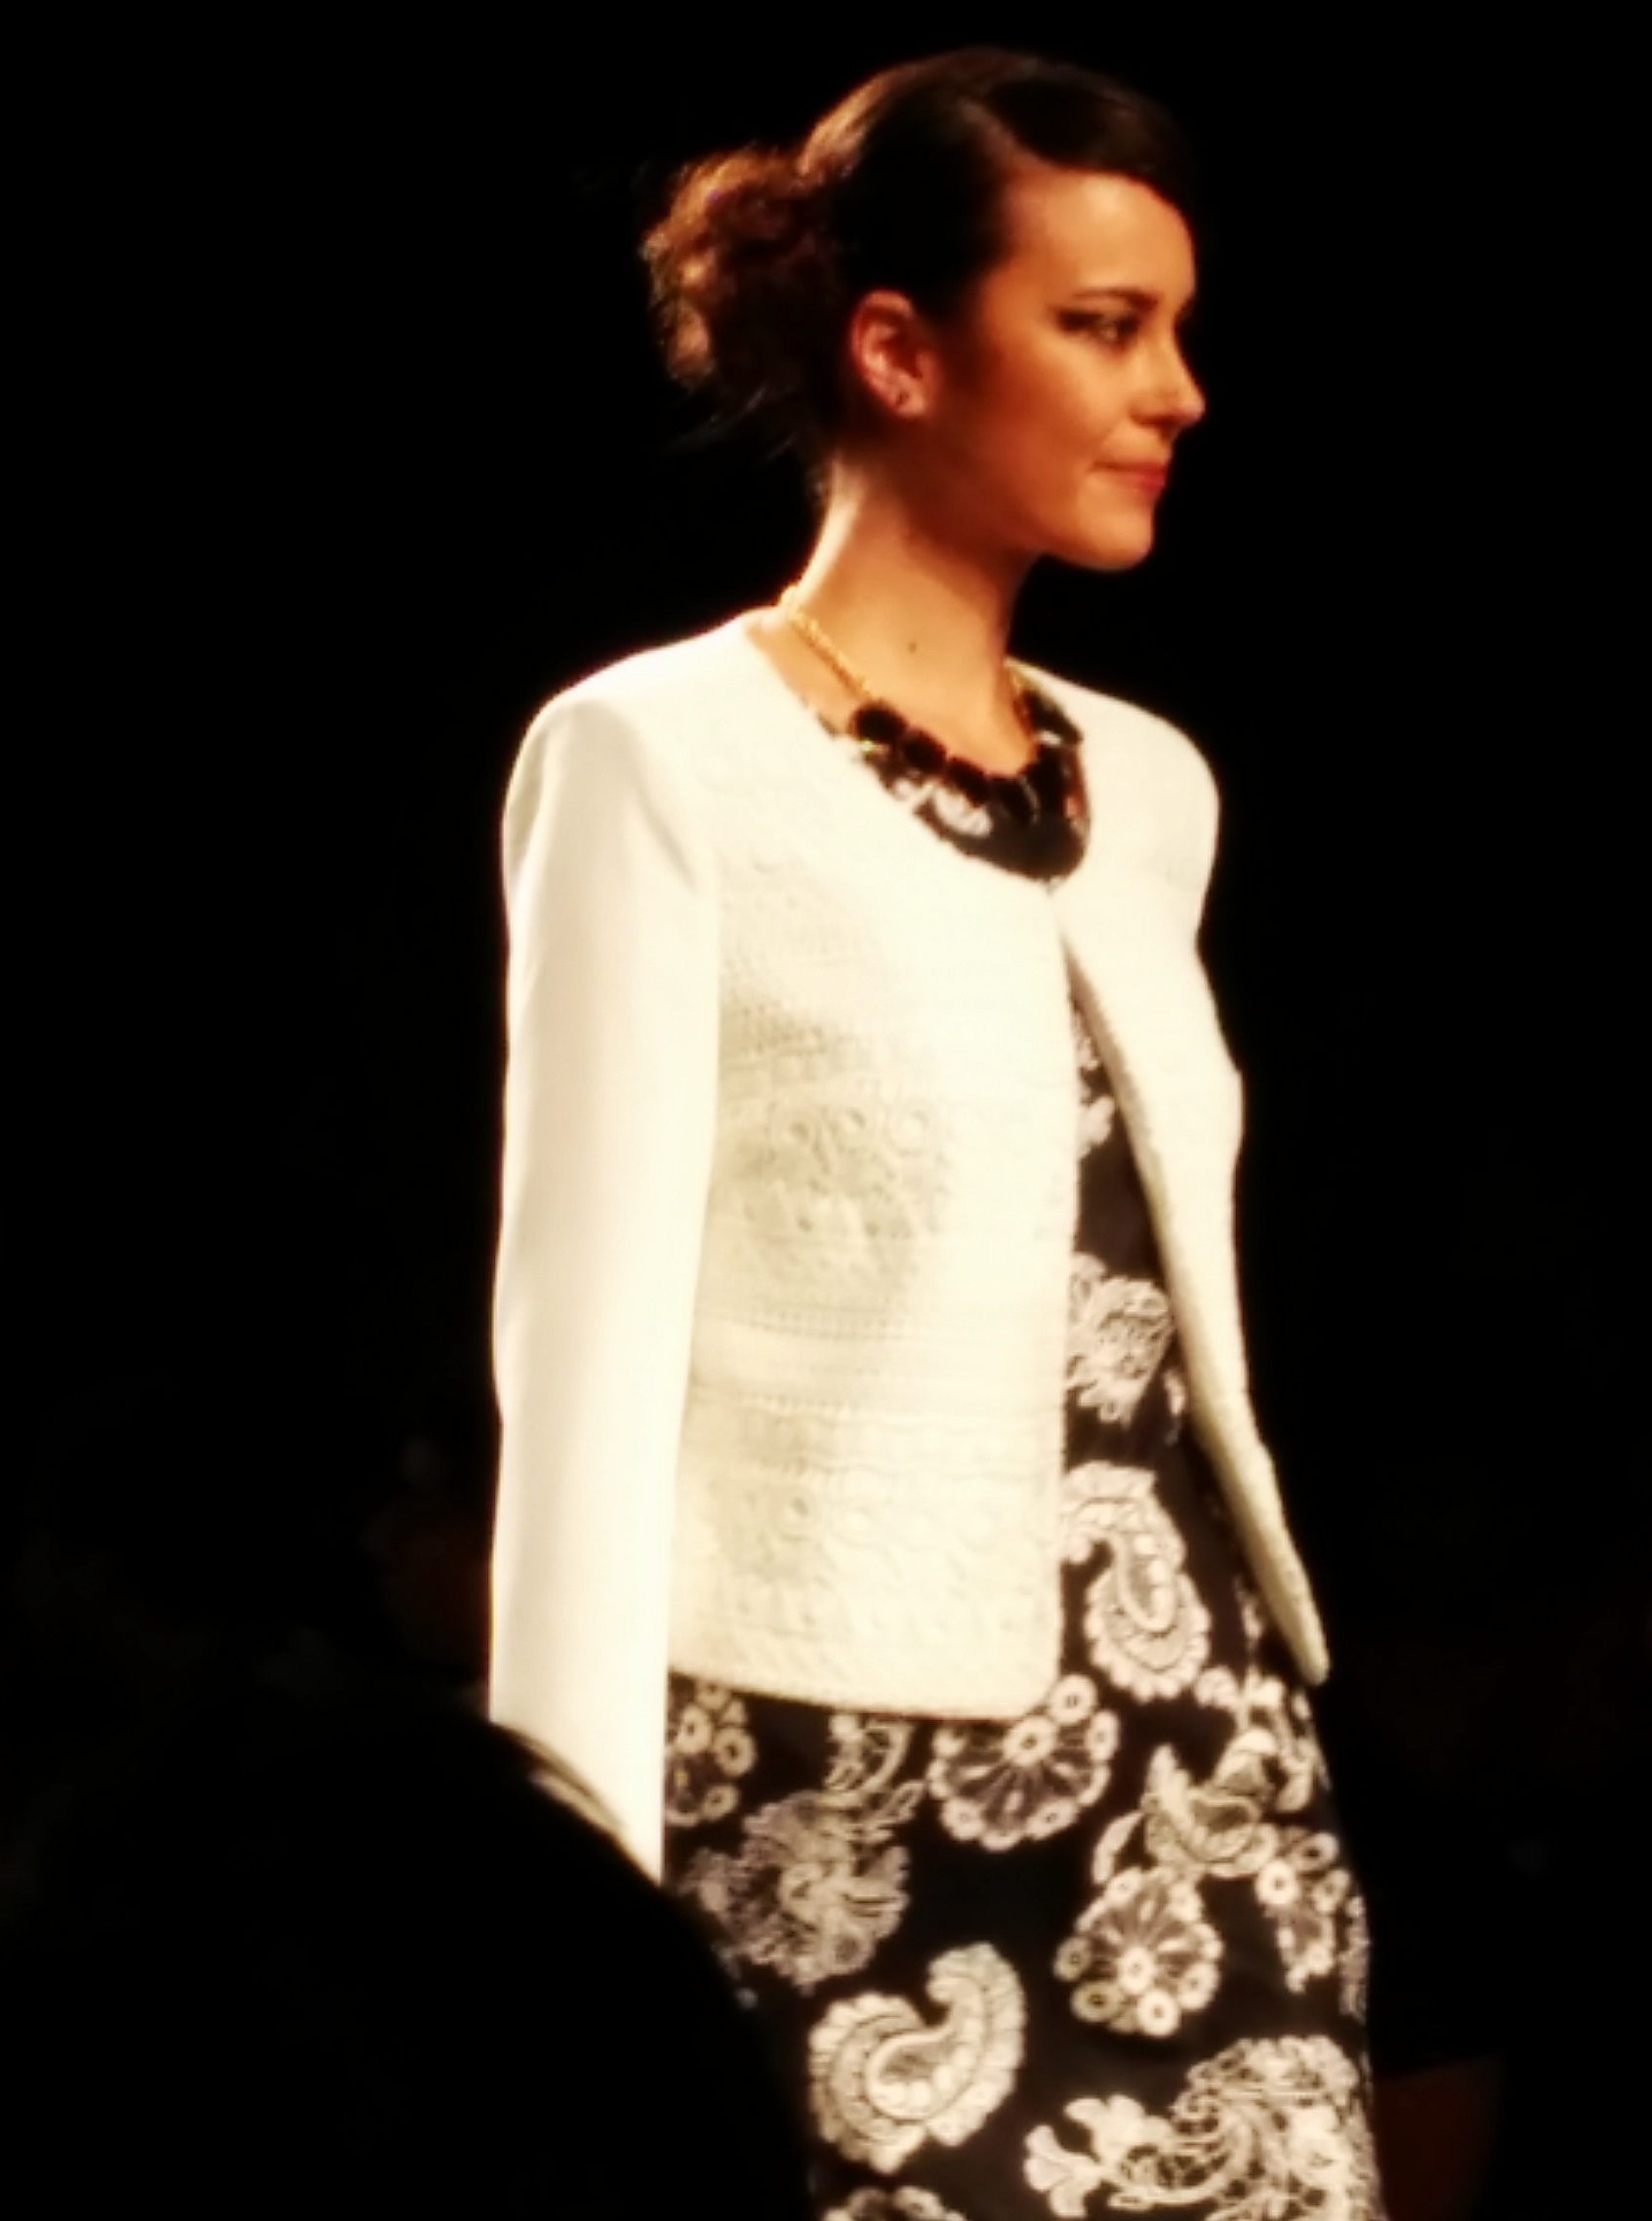 Elle French fashion wear AW 14